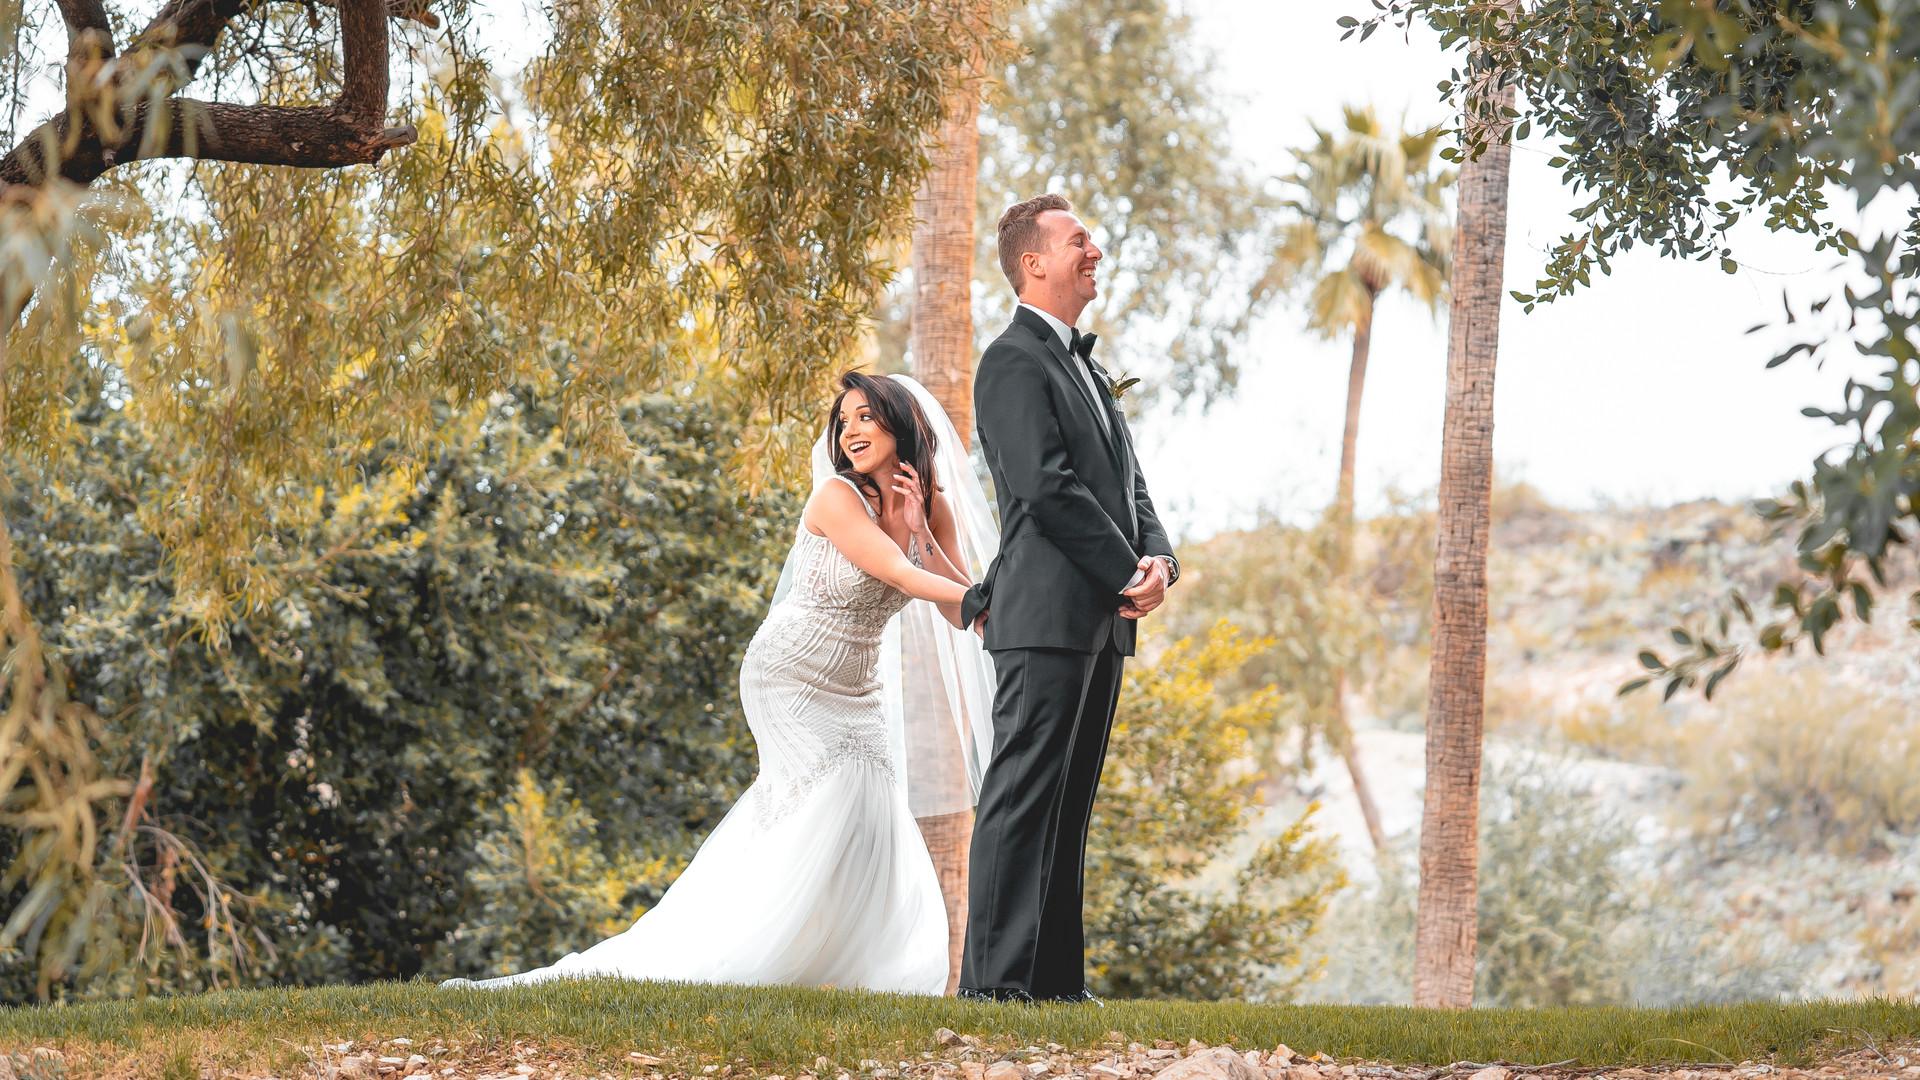 wedding 16x9_001.jpg